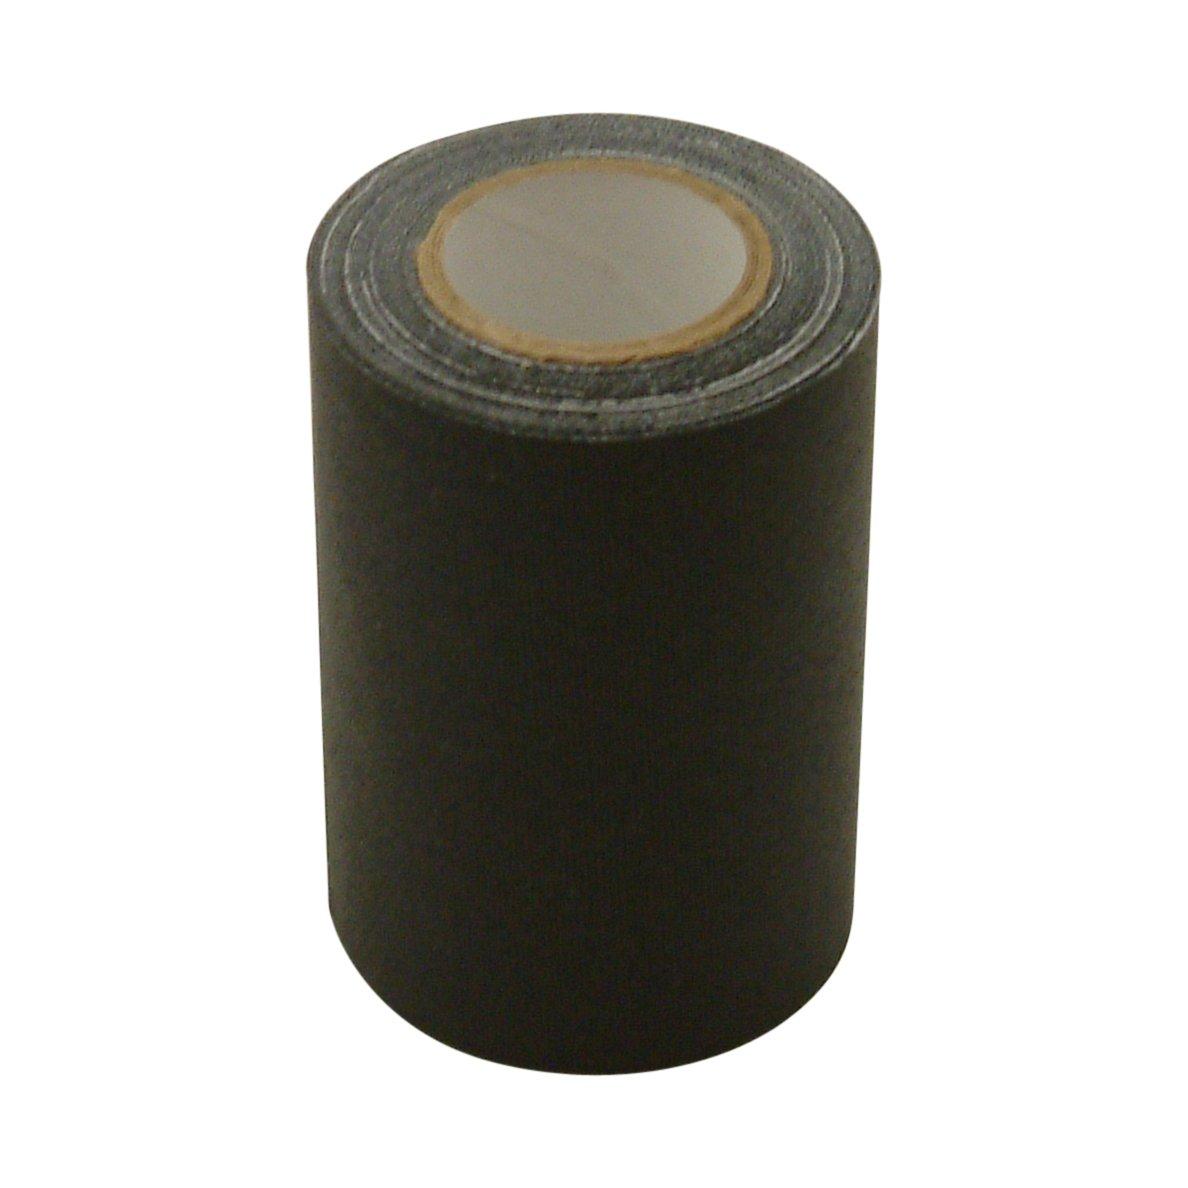 REPAIR-1//DBLU35 blu Nastro per riparazioni in pelle e vinile . nastro adesivo JVCC Repair-1